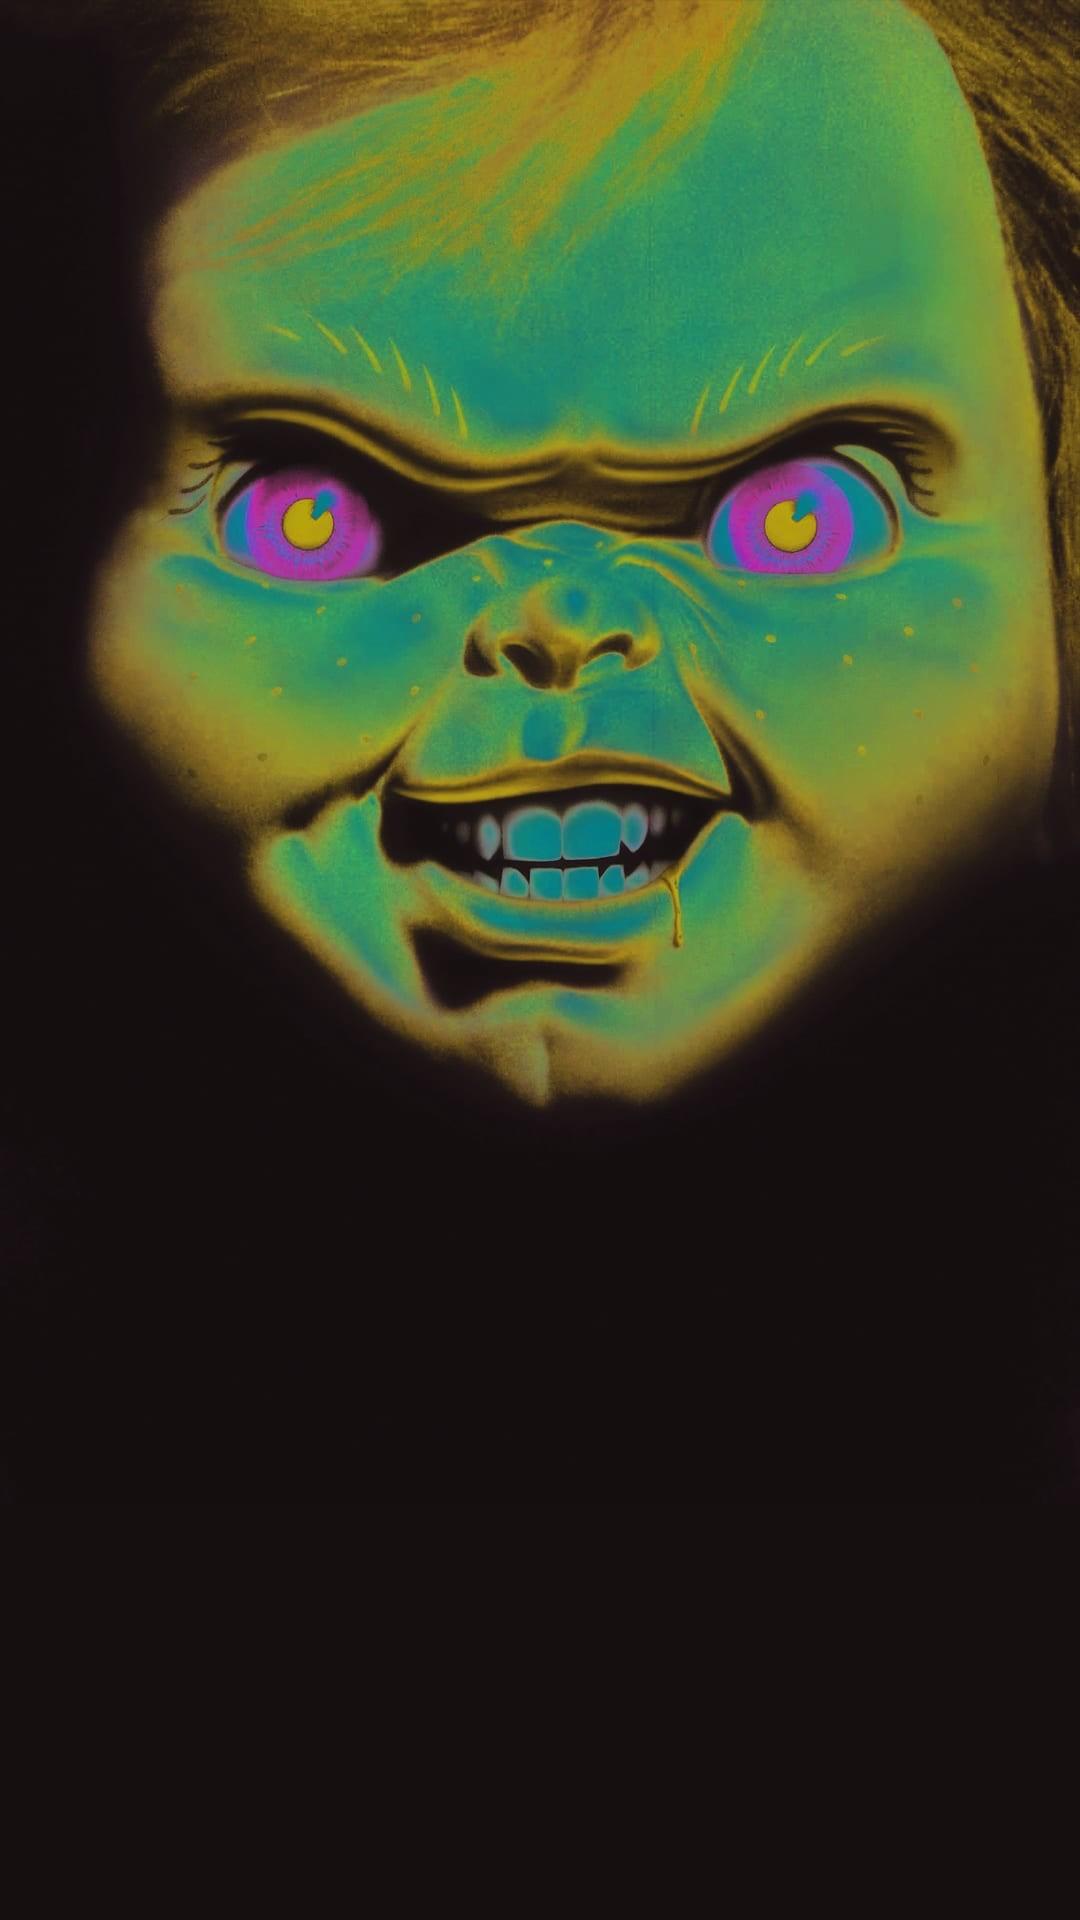 https://wallpaperformobile.org/14296/horror-movie-wallpaper-